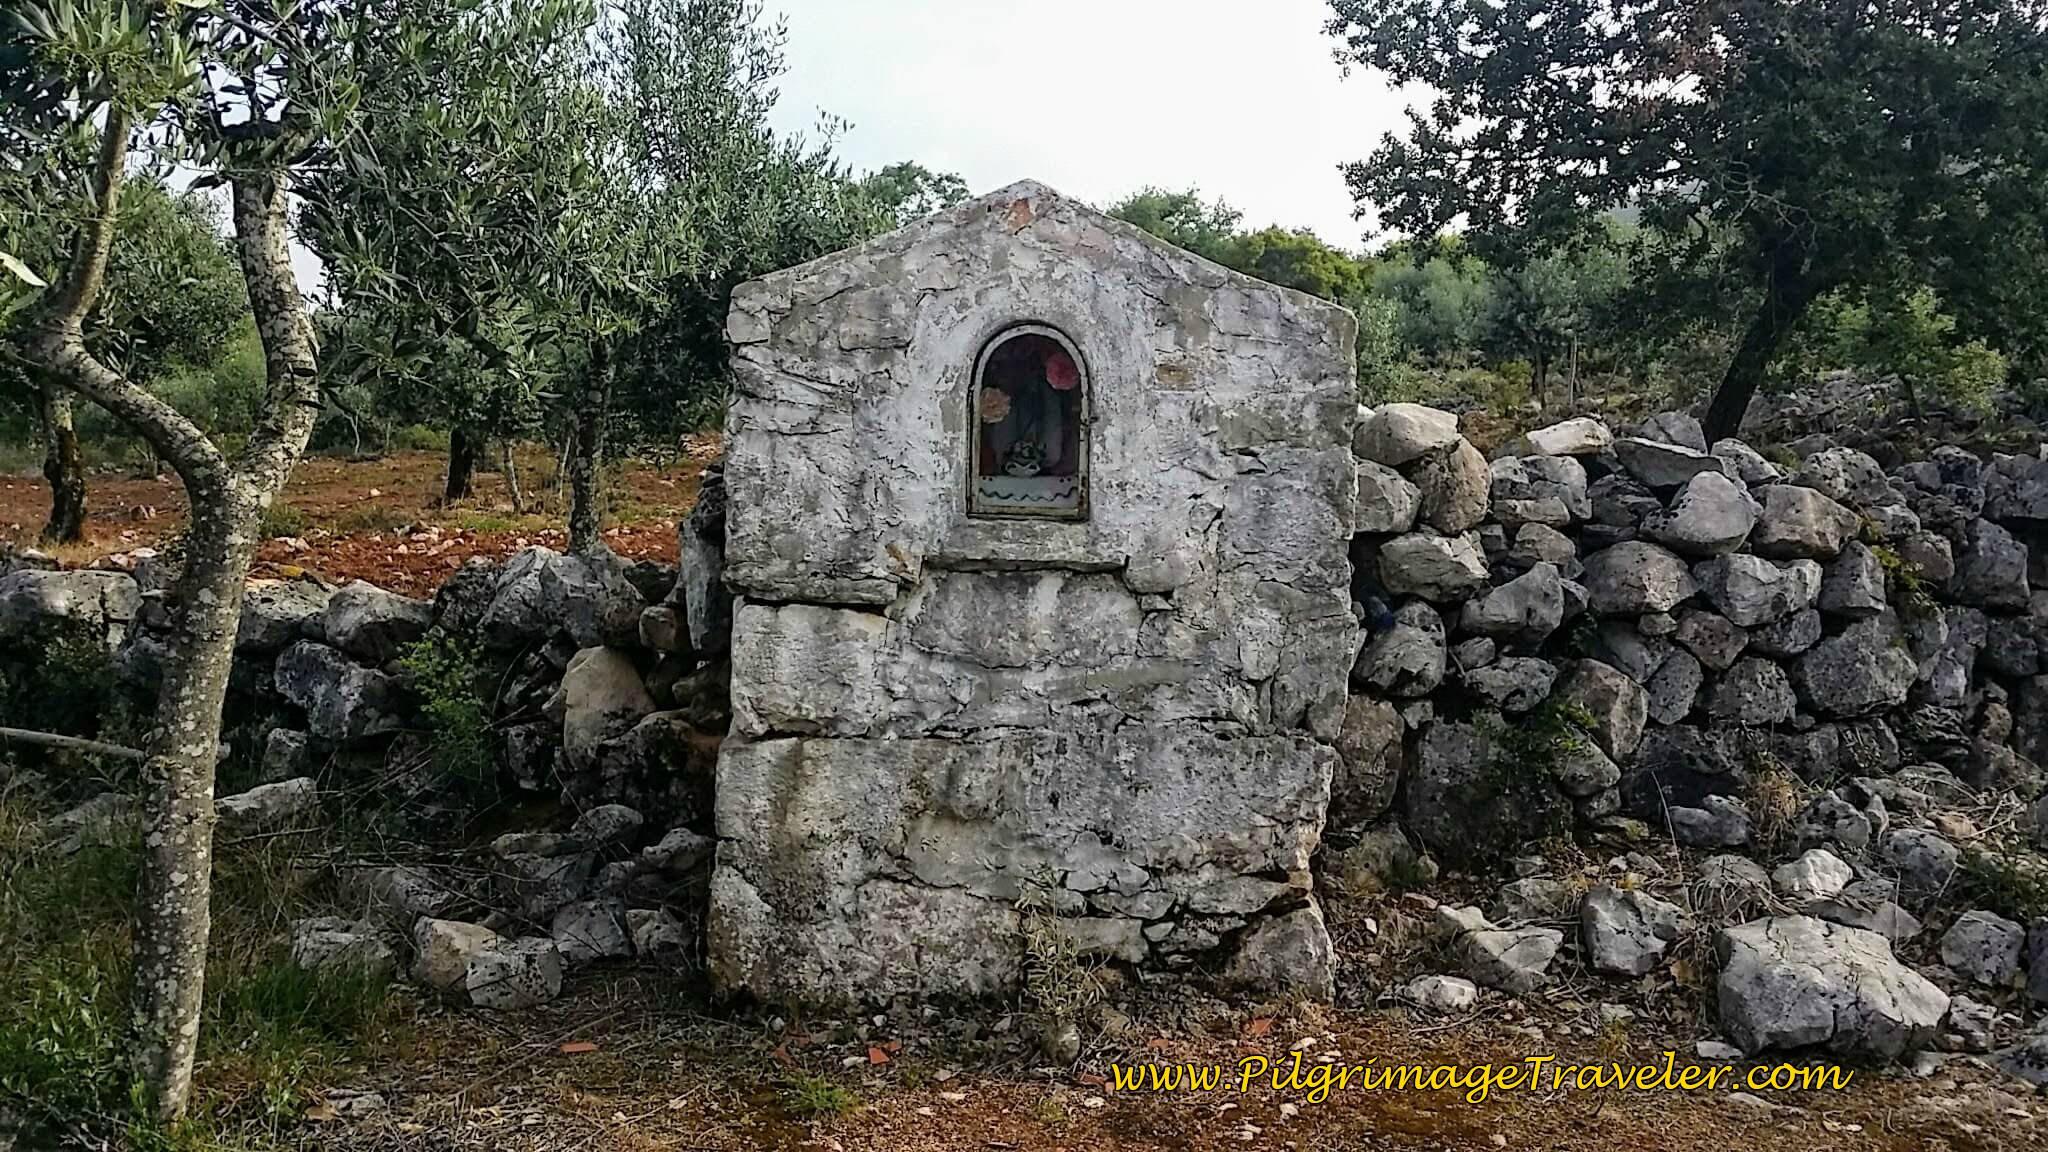 Roadside Shrine Near Casais Maduros on the Portuguese Camino